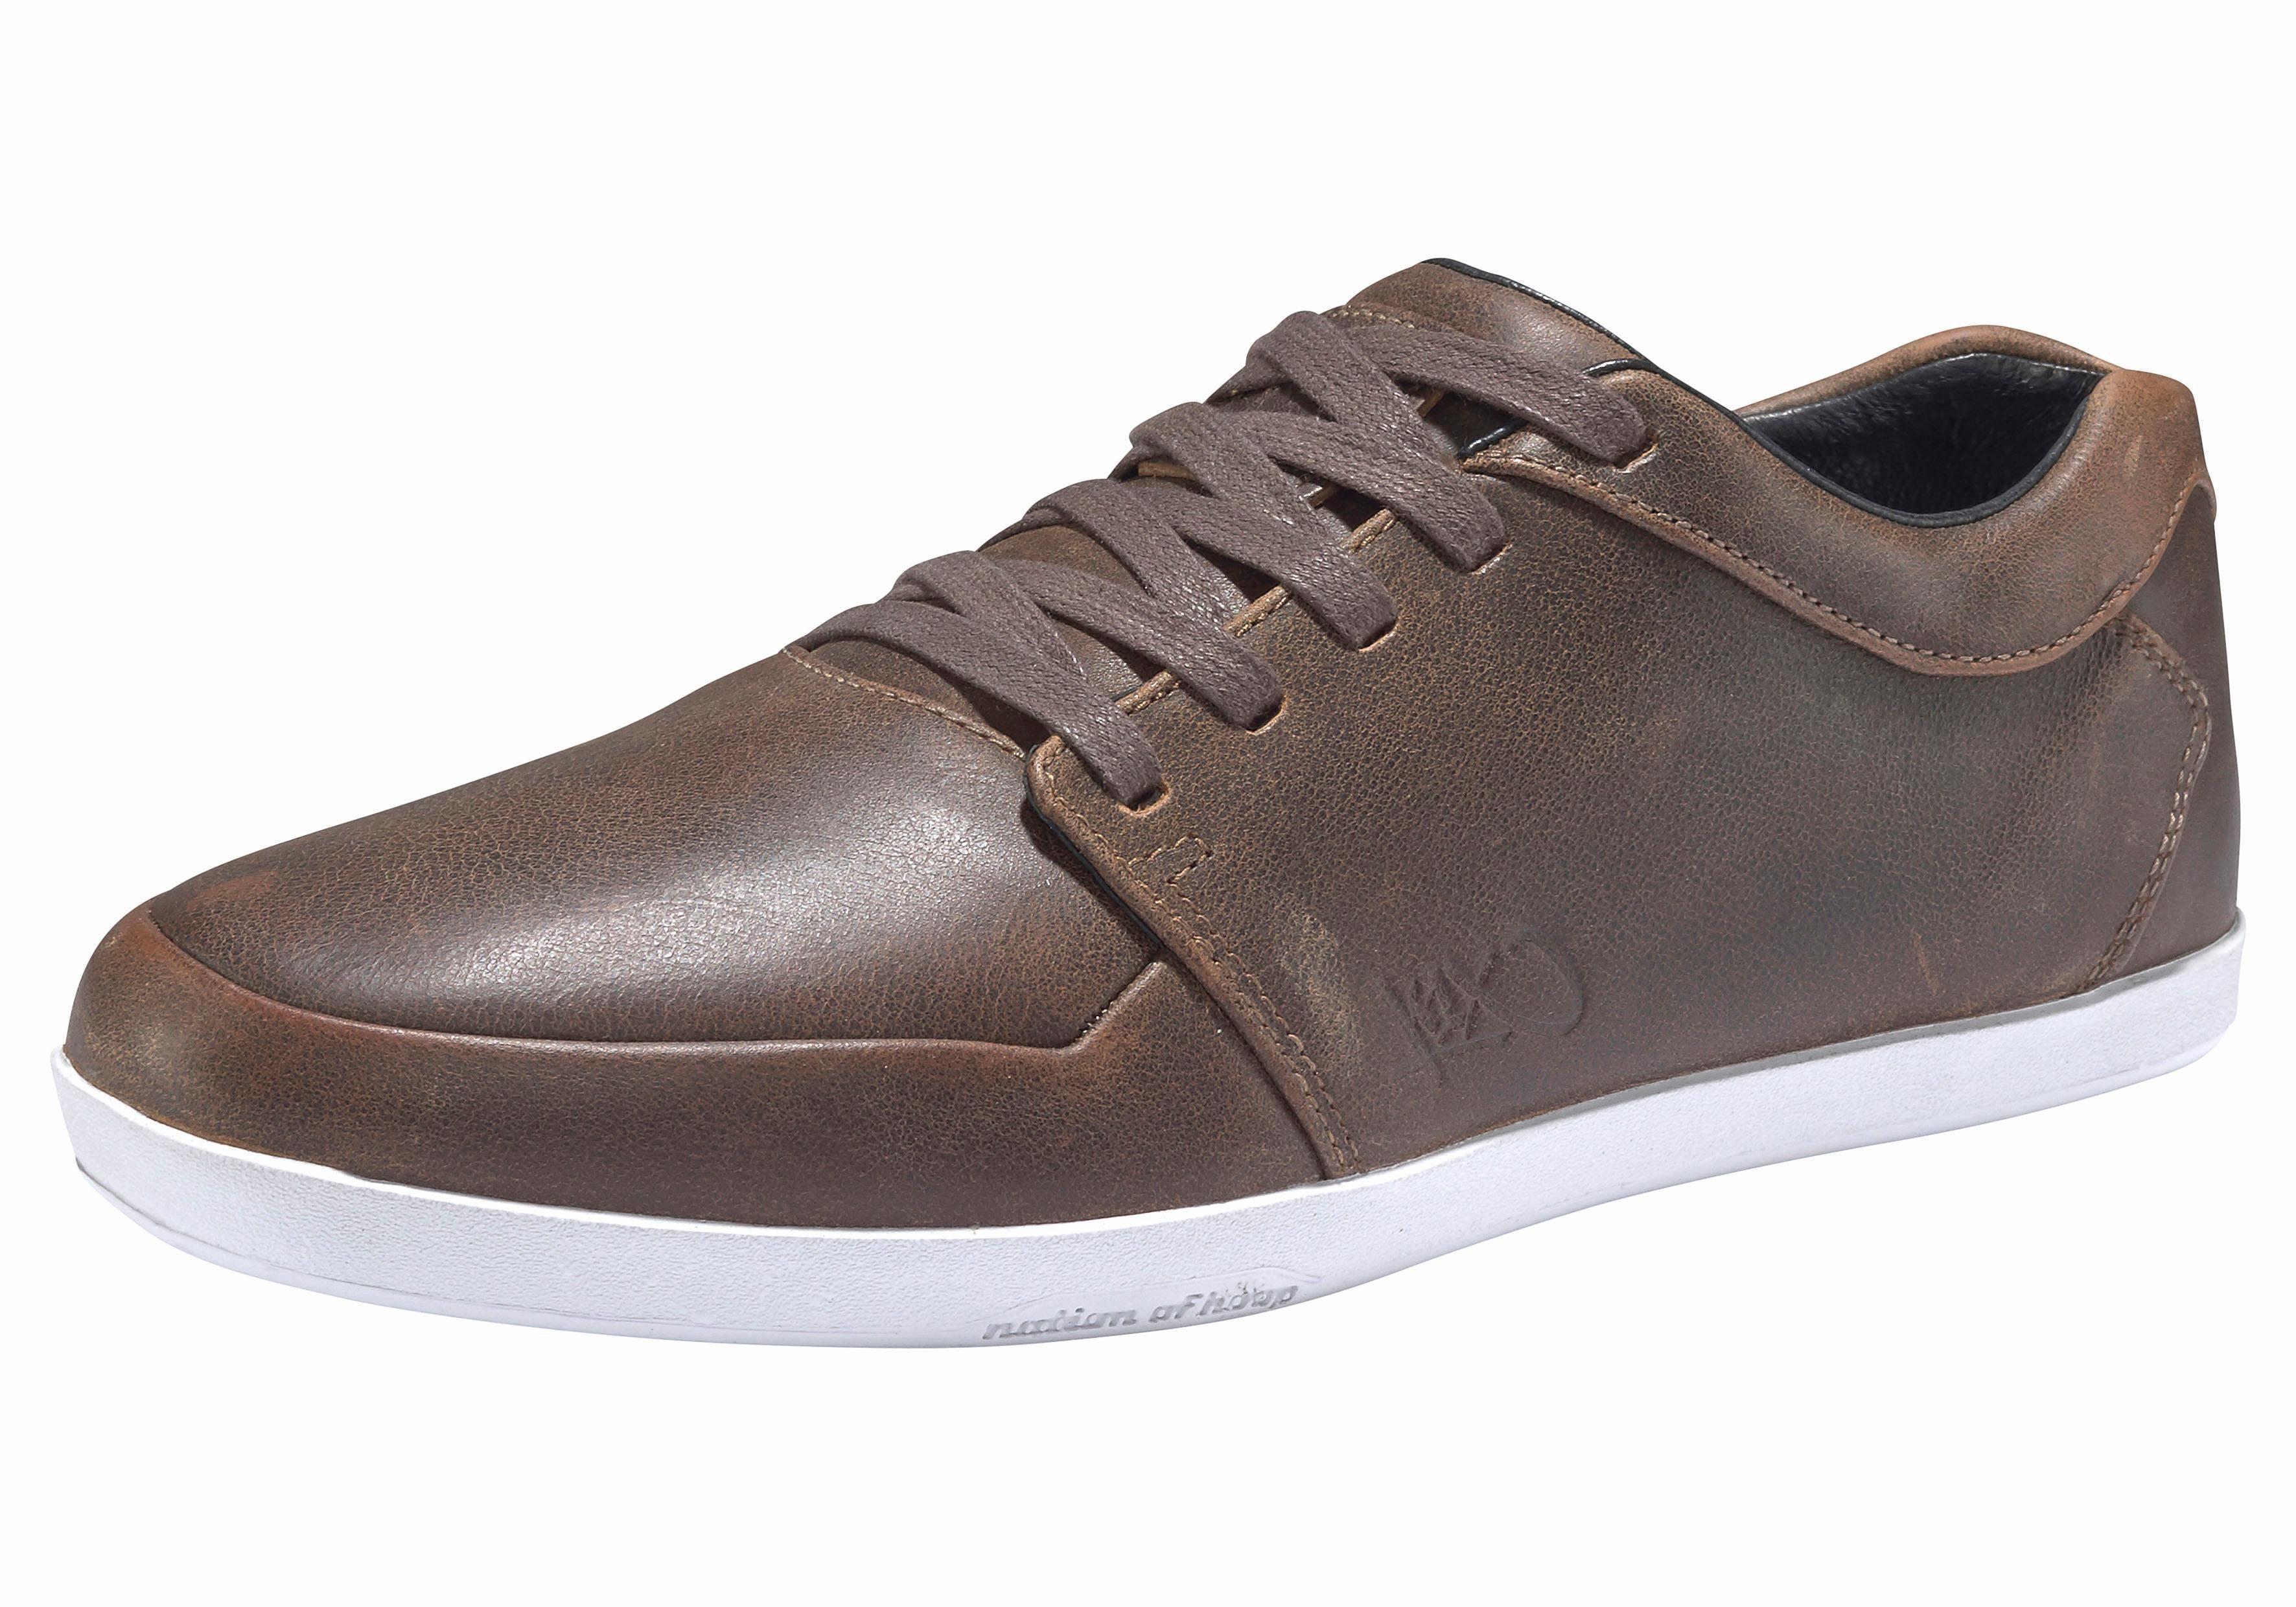 K1x Chaussures Beige À 48,5 Pour Les Hommes